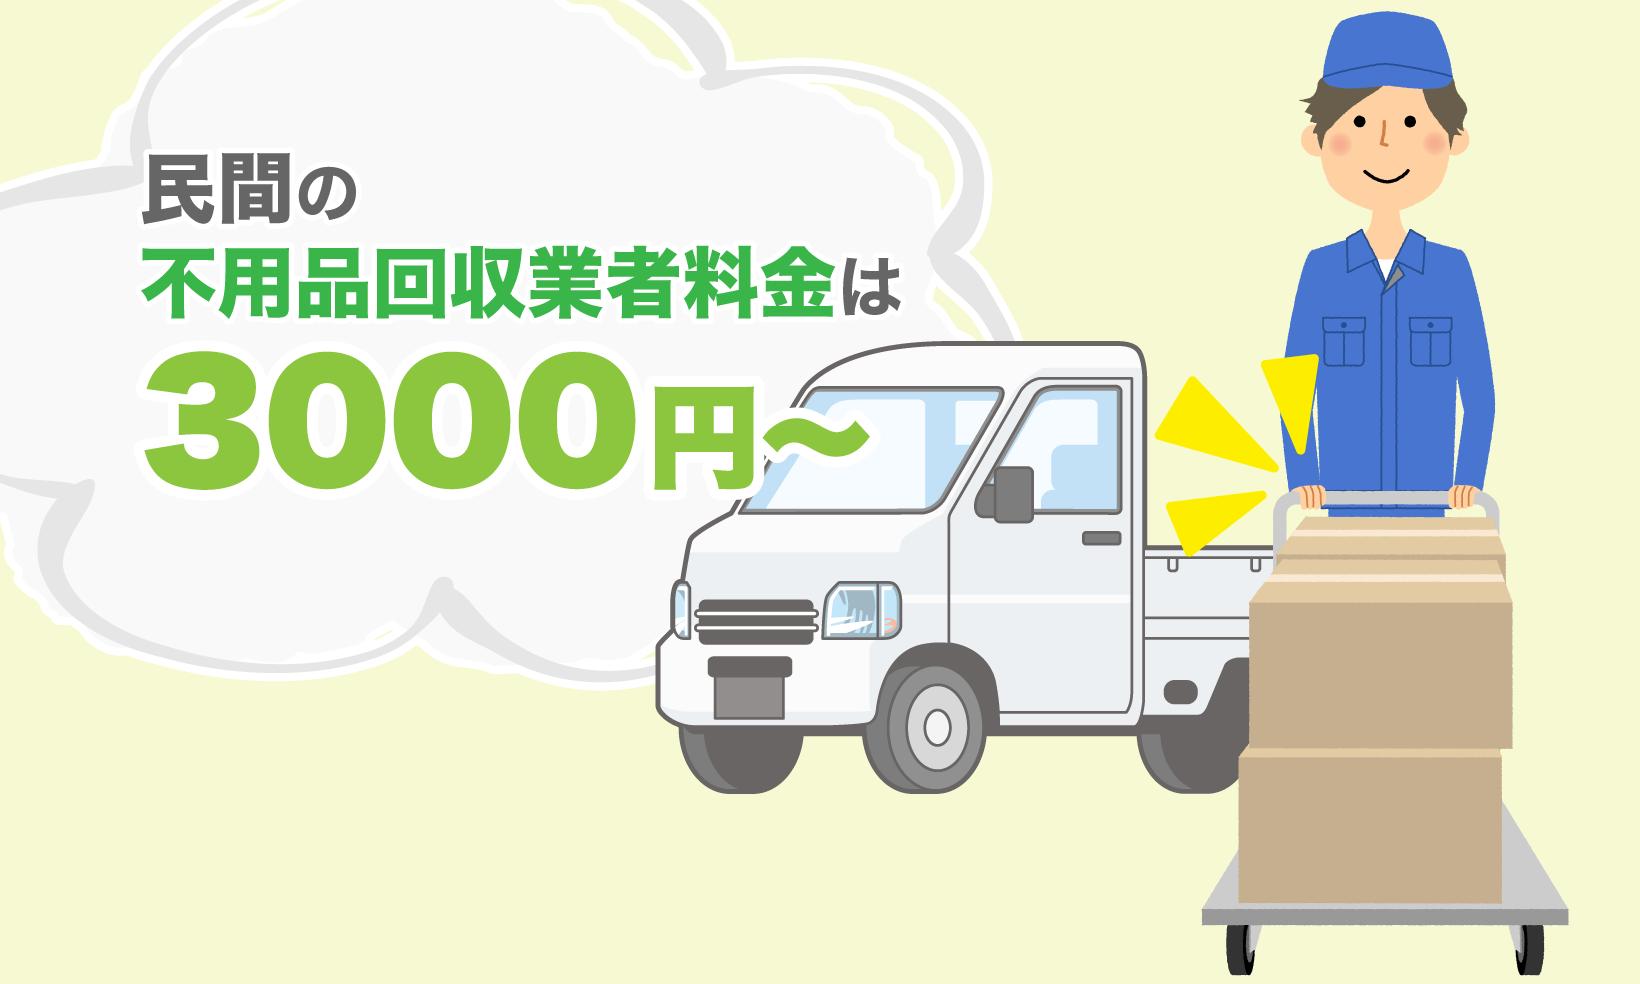 民間の不用品回収業者は高値だがほとんど物を回収してくれ、3000円からが相場になる。